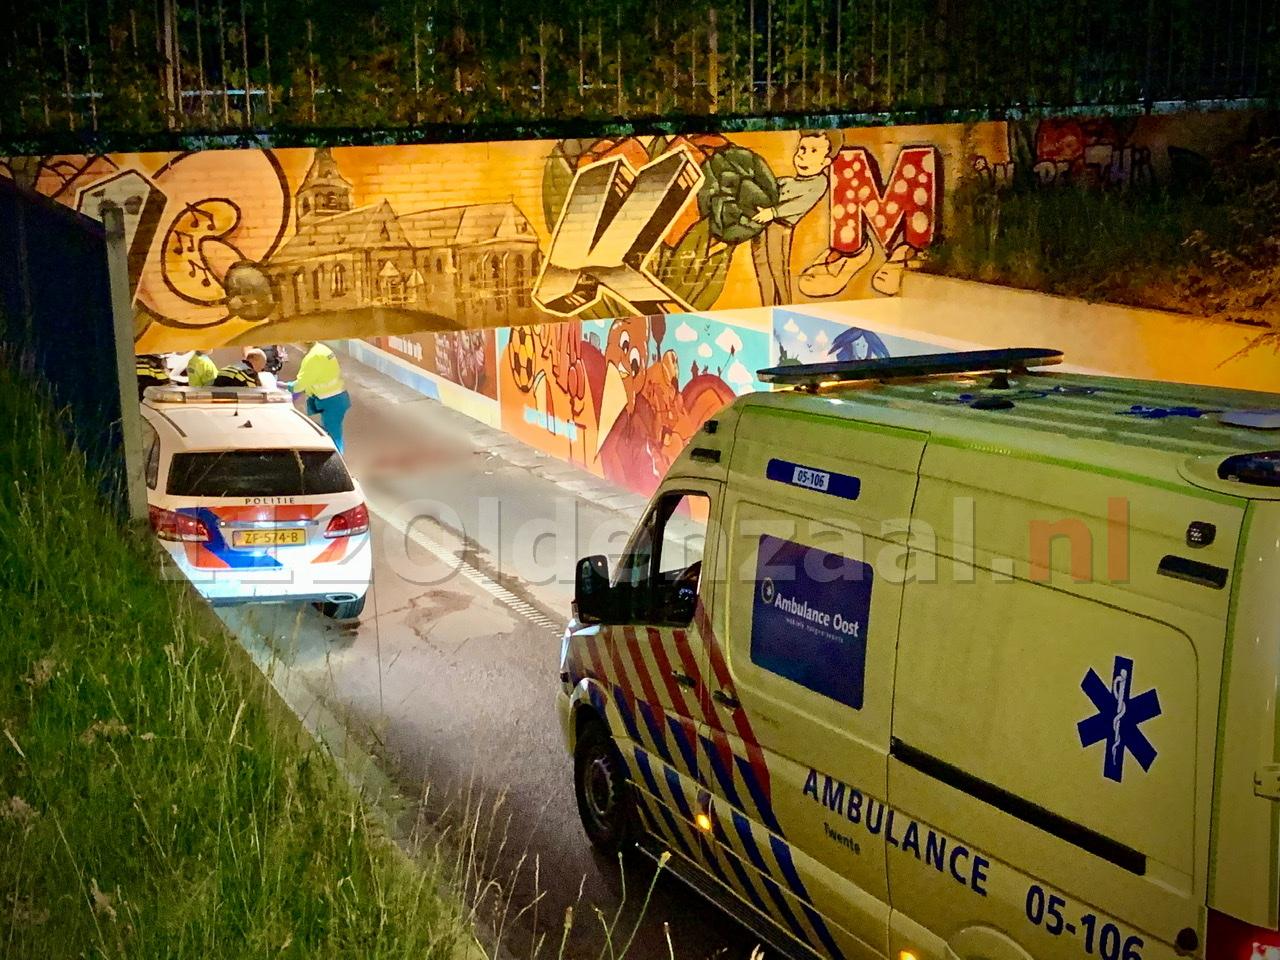 Fietser gewond naar het ziekenhuis na ongeval in fietstunnel Oldenzaal